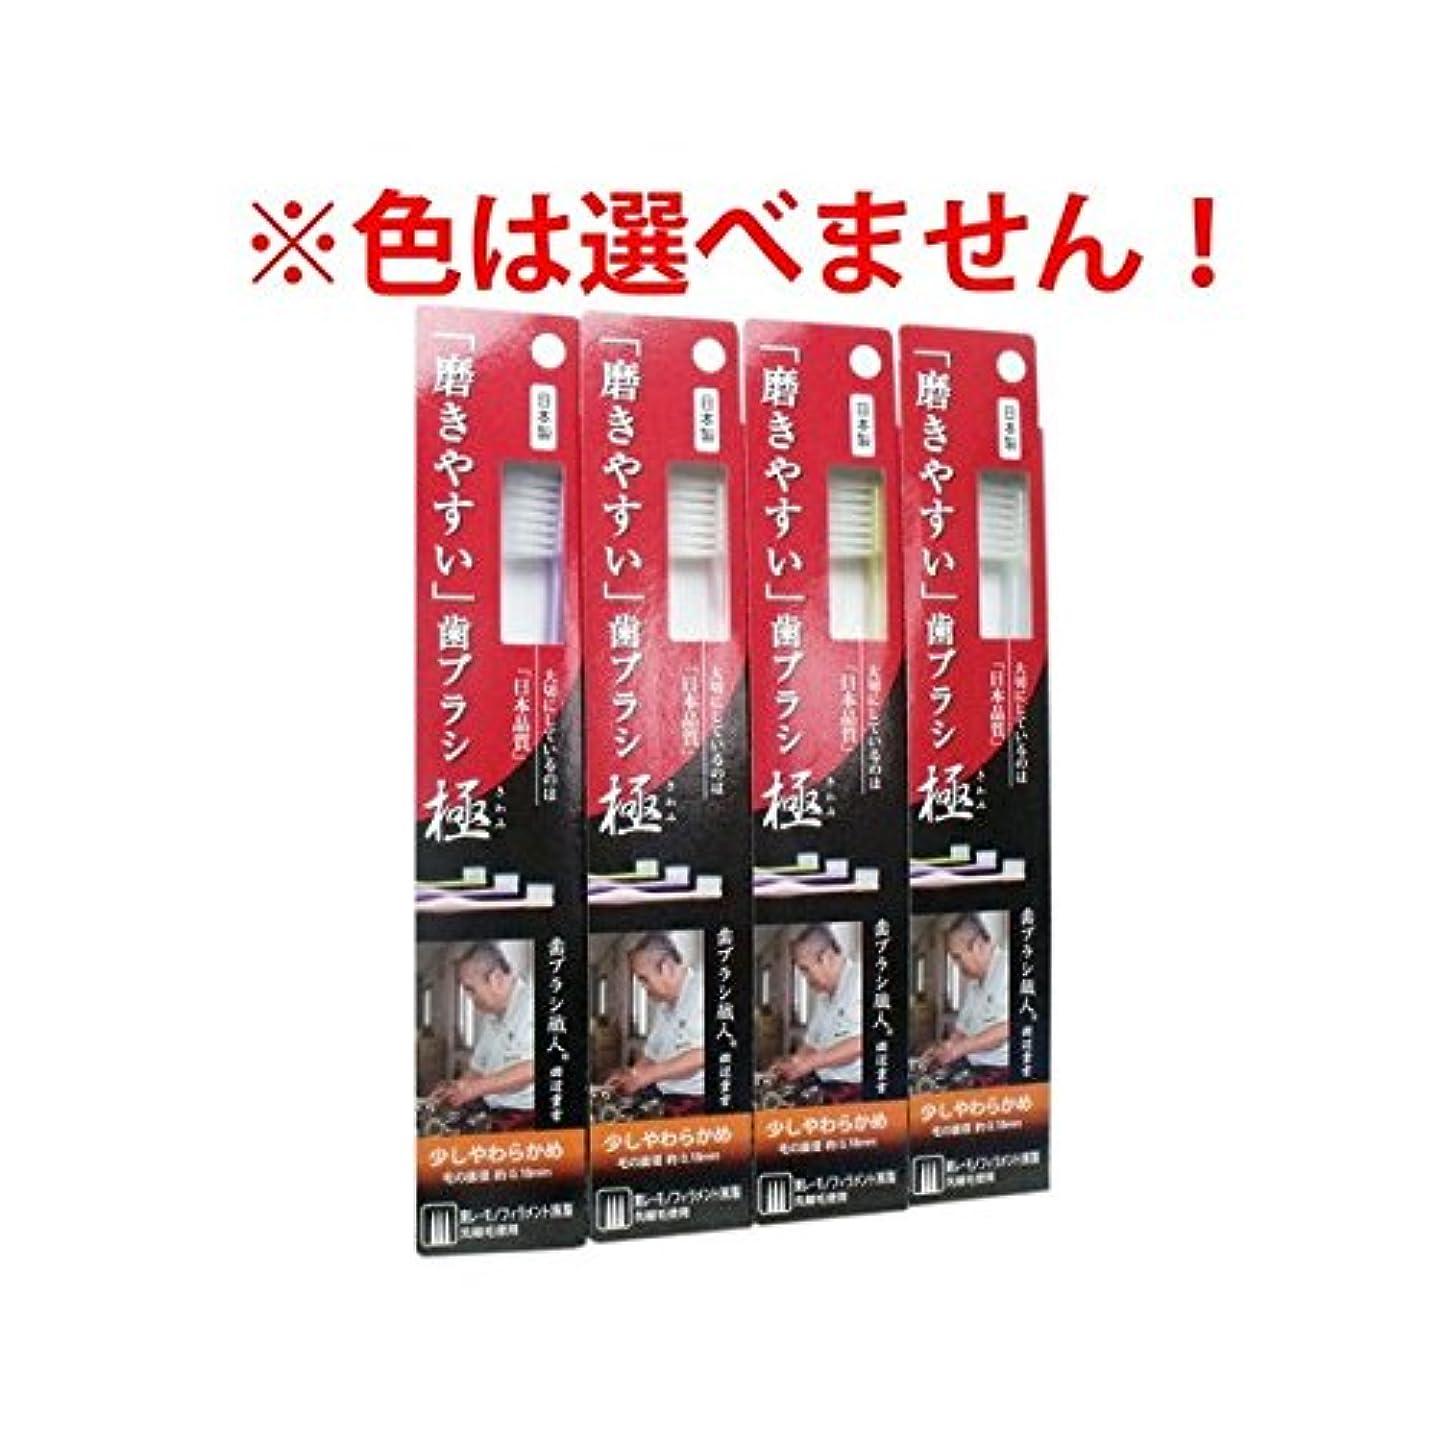 手荷物ユーモラスクライストチャーチライフレンジ 磨きやすい歯ブラシ極 1P*12本入り LT-25(少しやわらかめ)